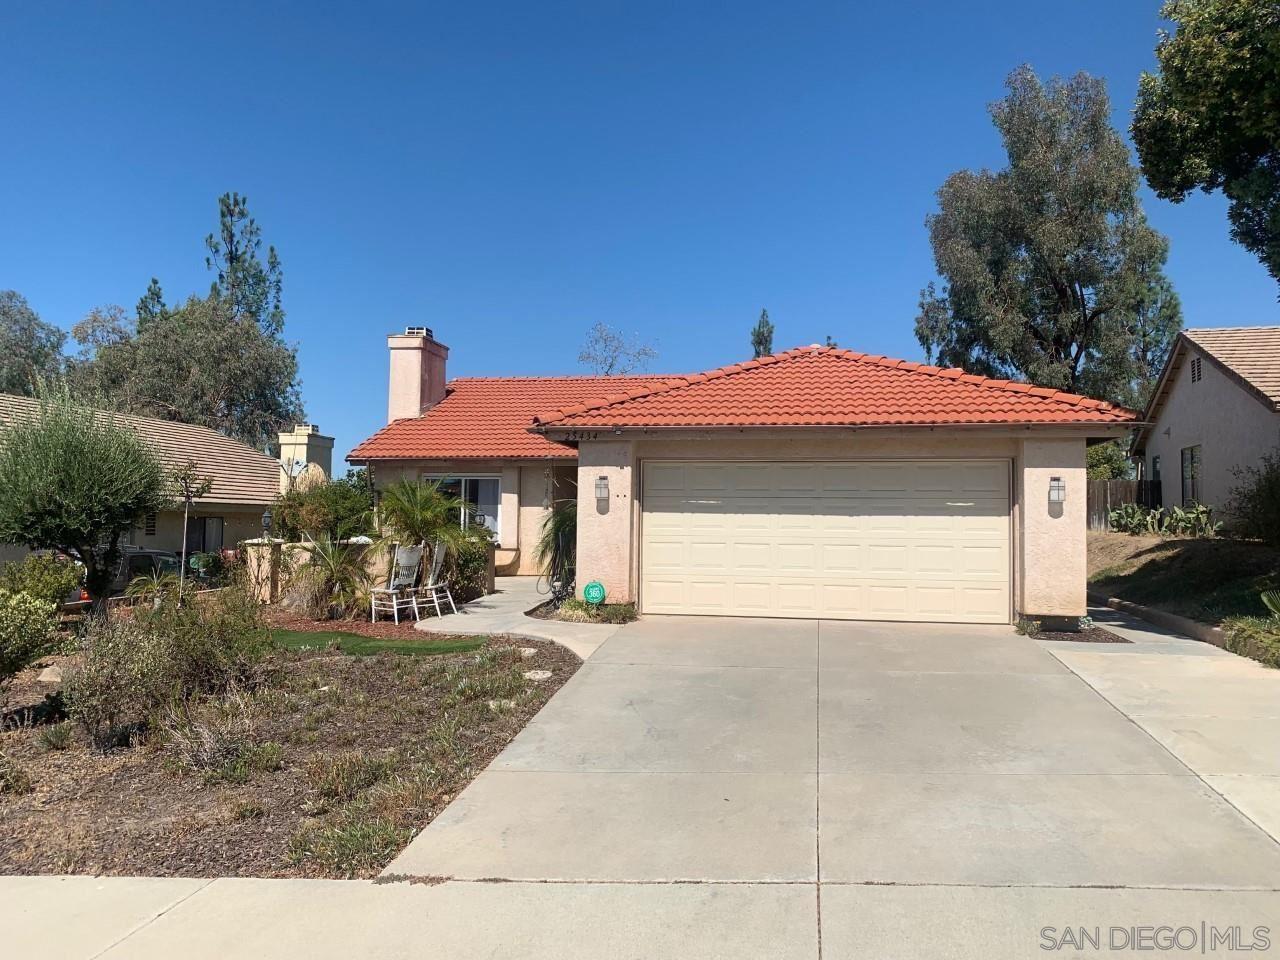 Photo of 25434 Boxelder, Murrieta, CA 92563 (MLS # 210026635)